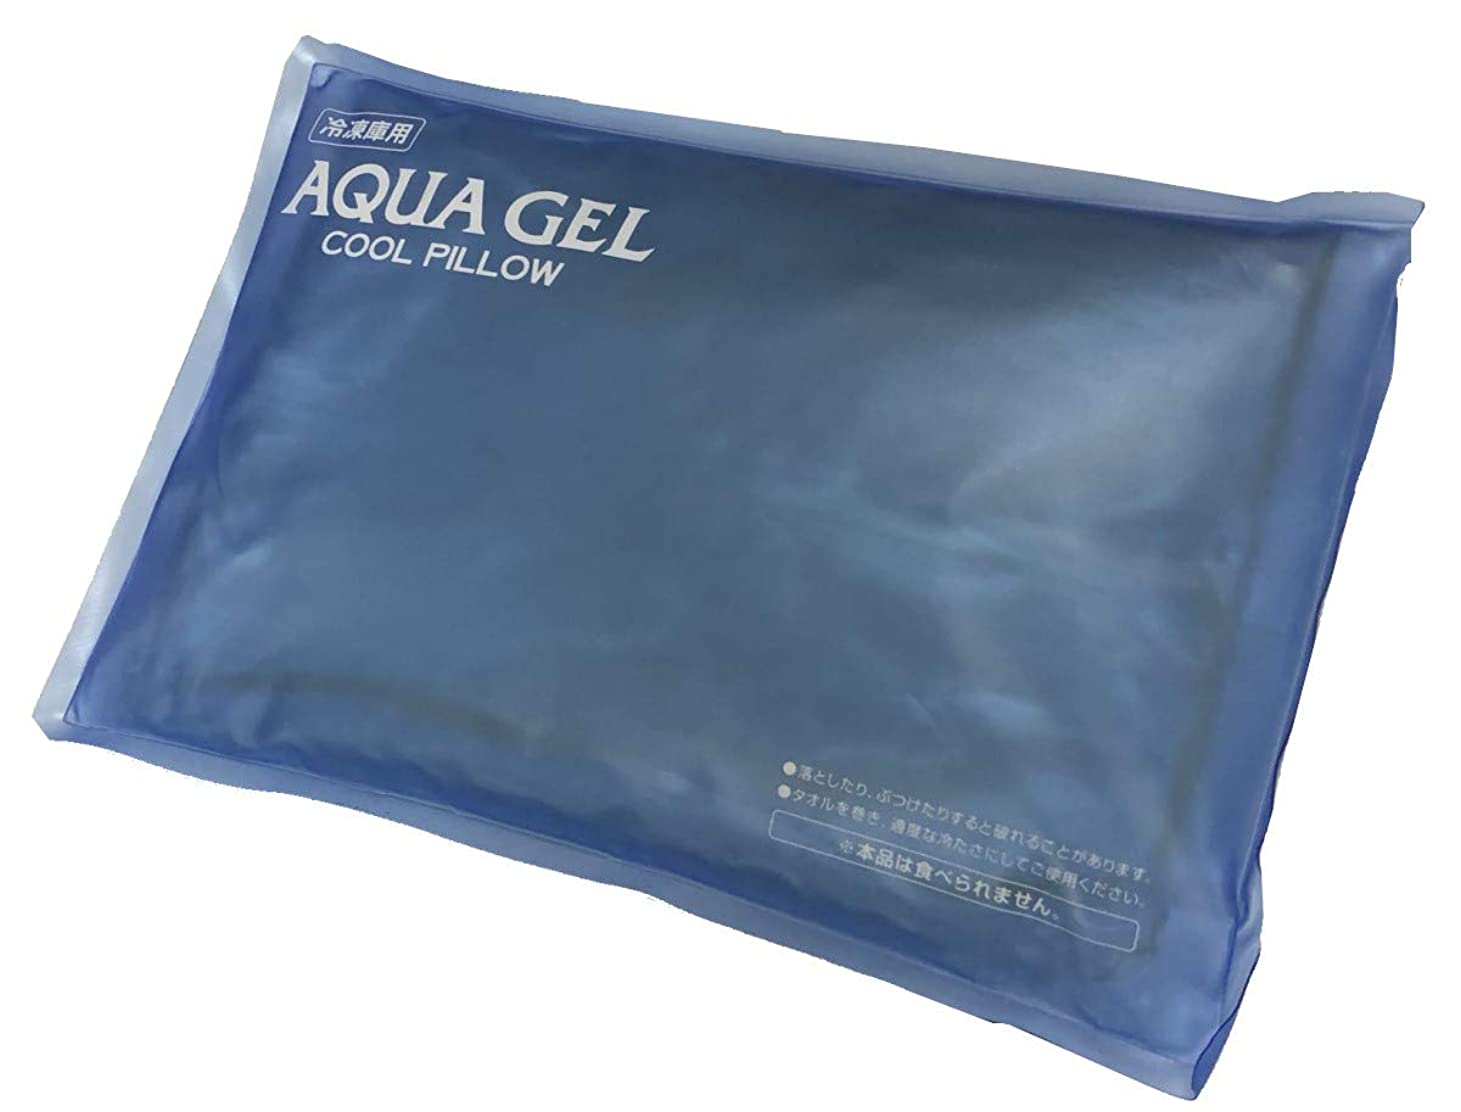 介入するゴム伝染性紀陽除虫菊 クラッシュゼリー アイス枕 凍らない冷凍枕 AQUA GEL K-2359 【まとめ買い2個セット】